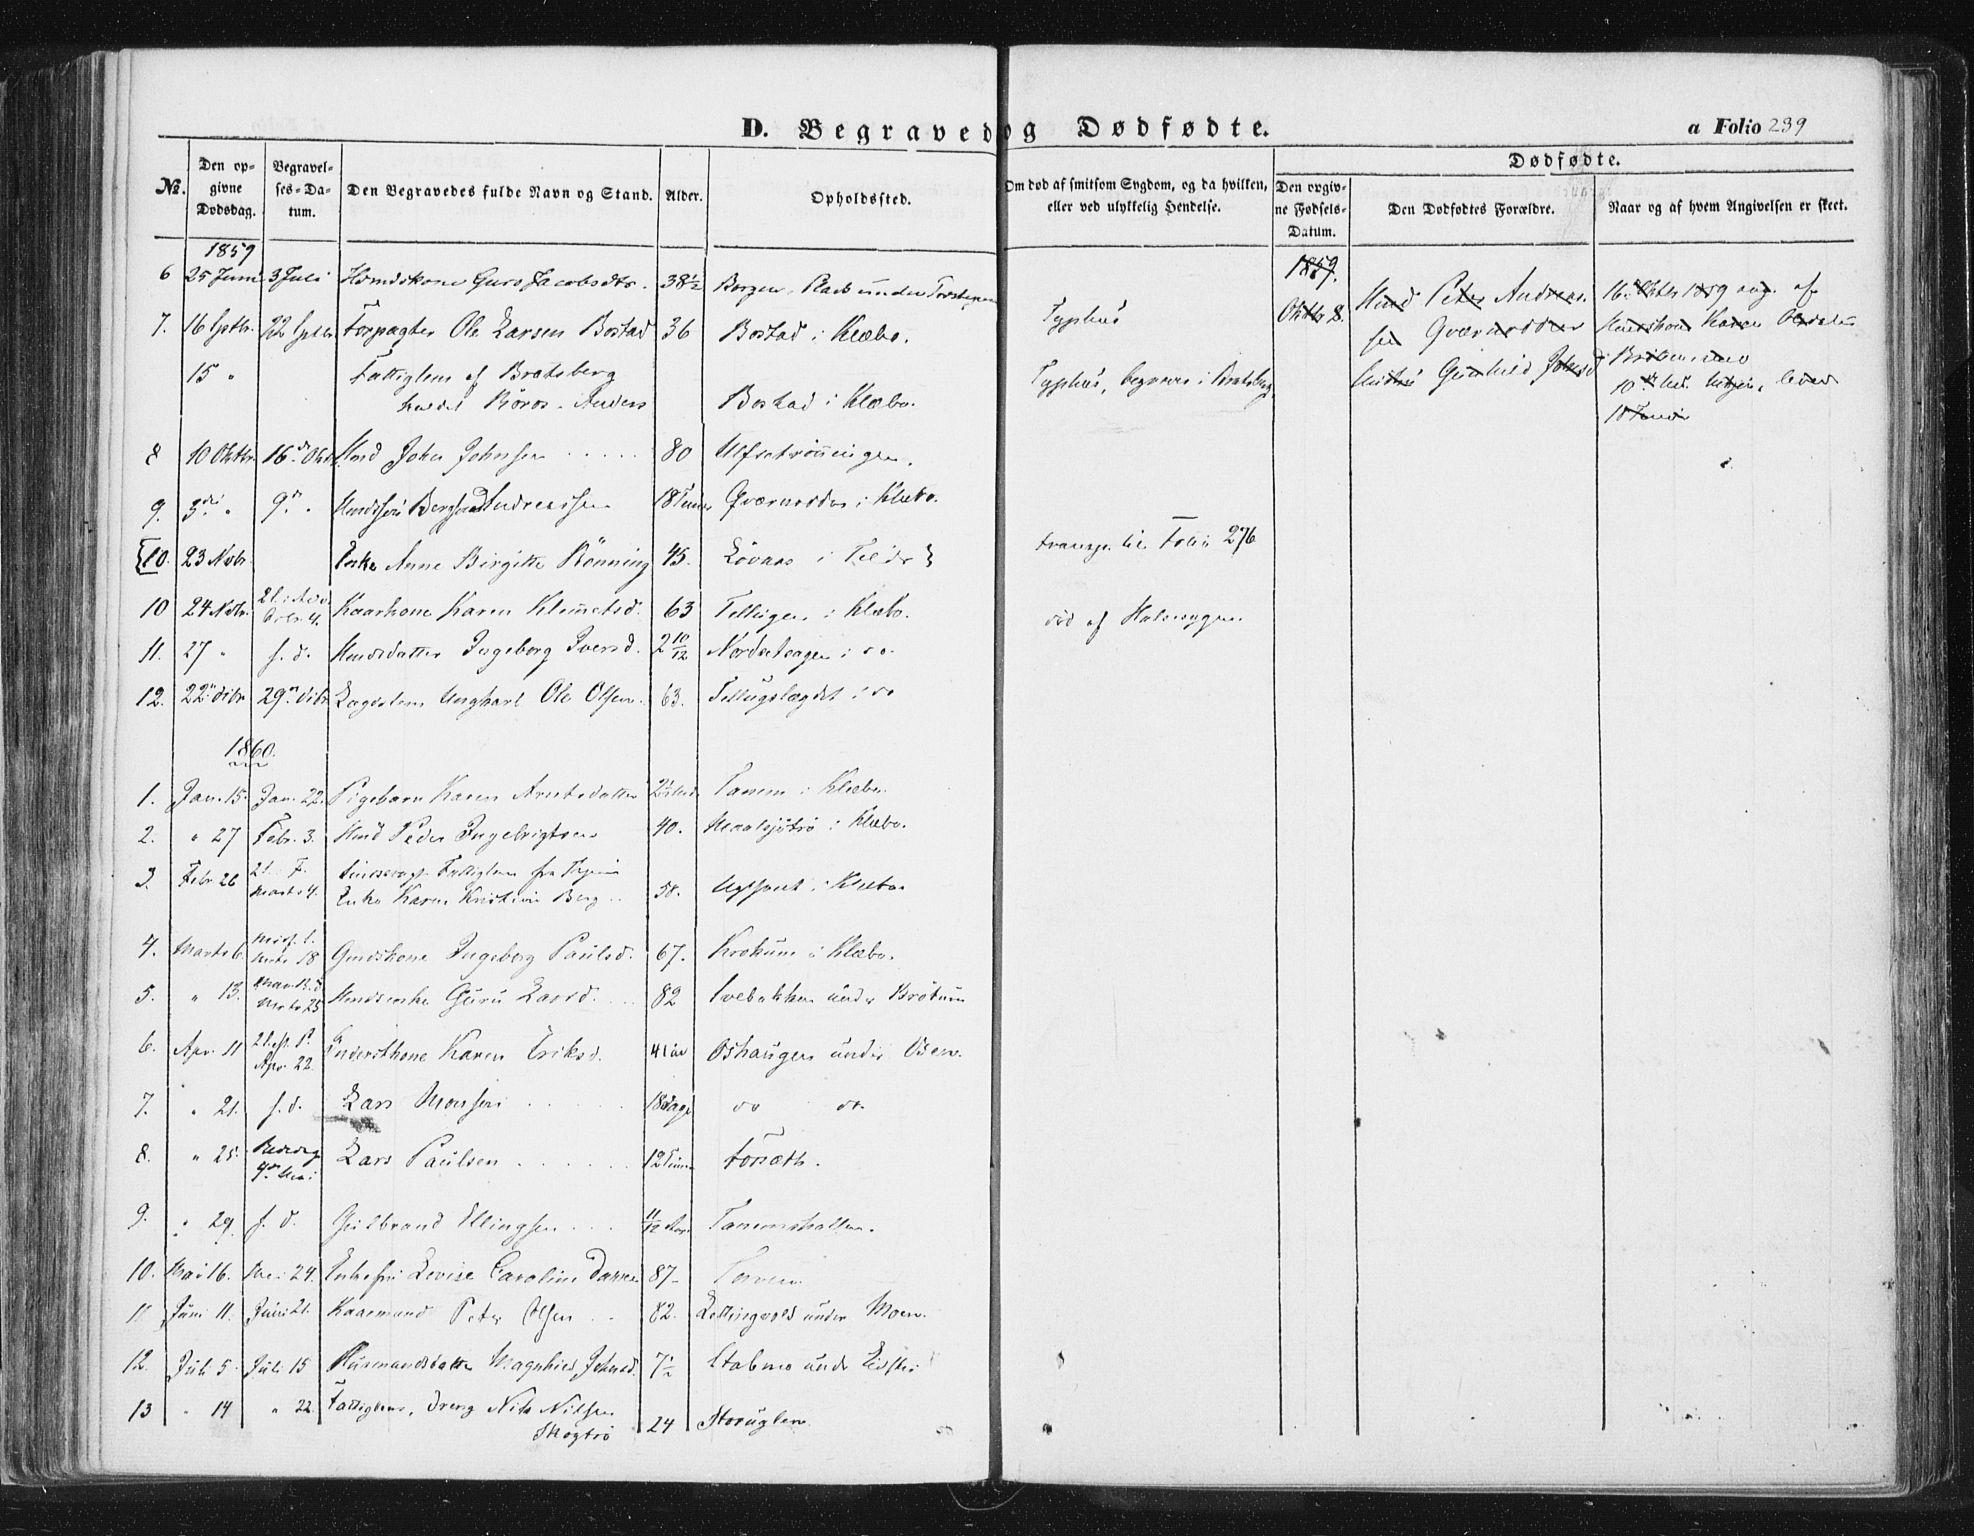 SAT, Ministerialprotokoller, klokkerbøker og fødselsregistre - Sør-Trøndelag, 618/L0441: Ministerialbok nr. 618A05, 1843-1862, s. 239